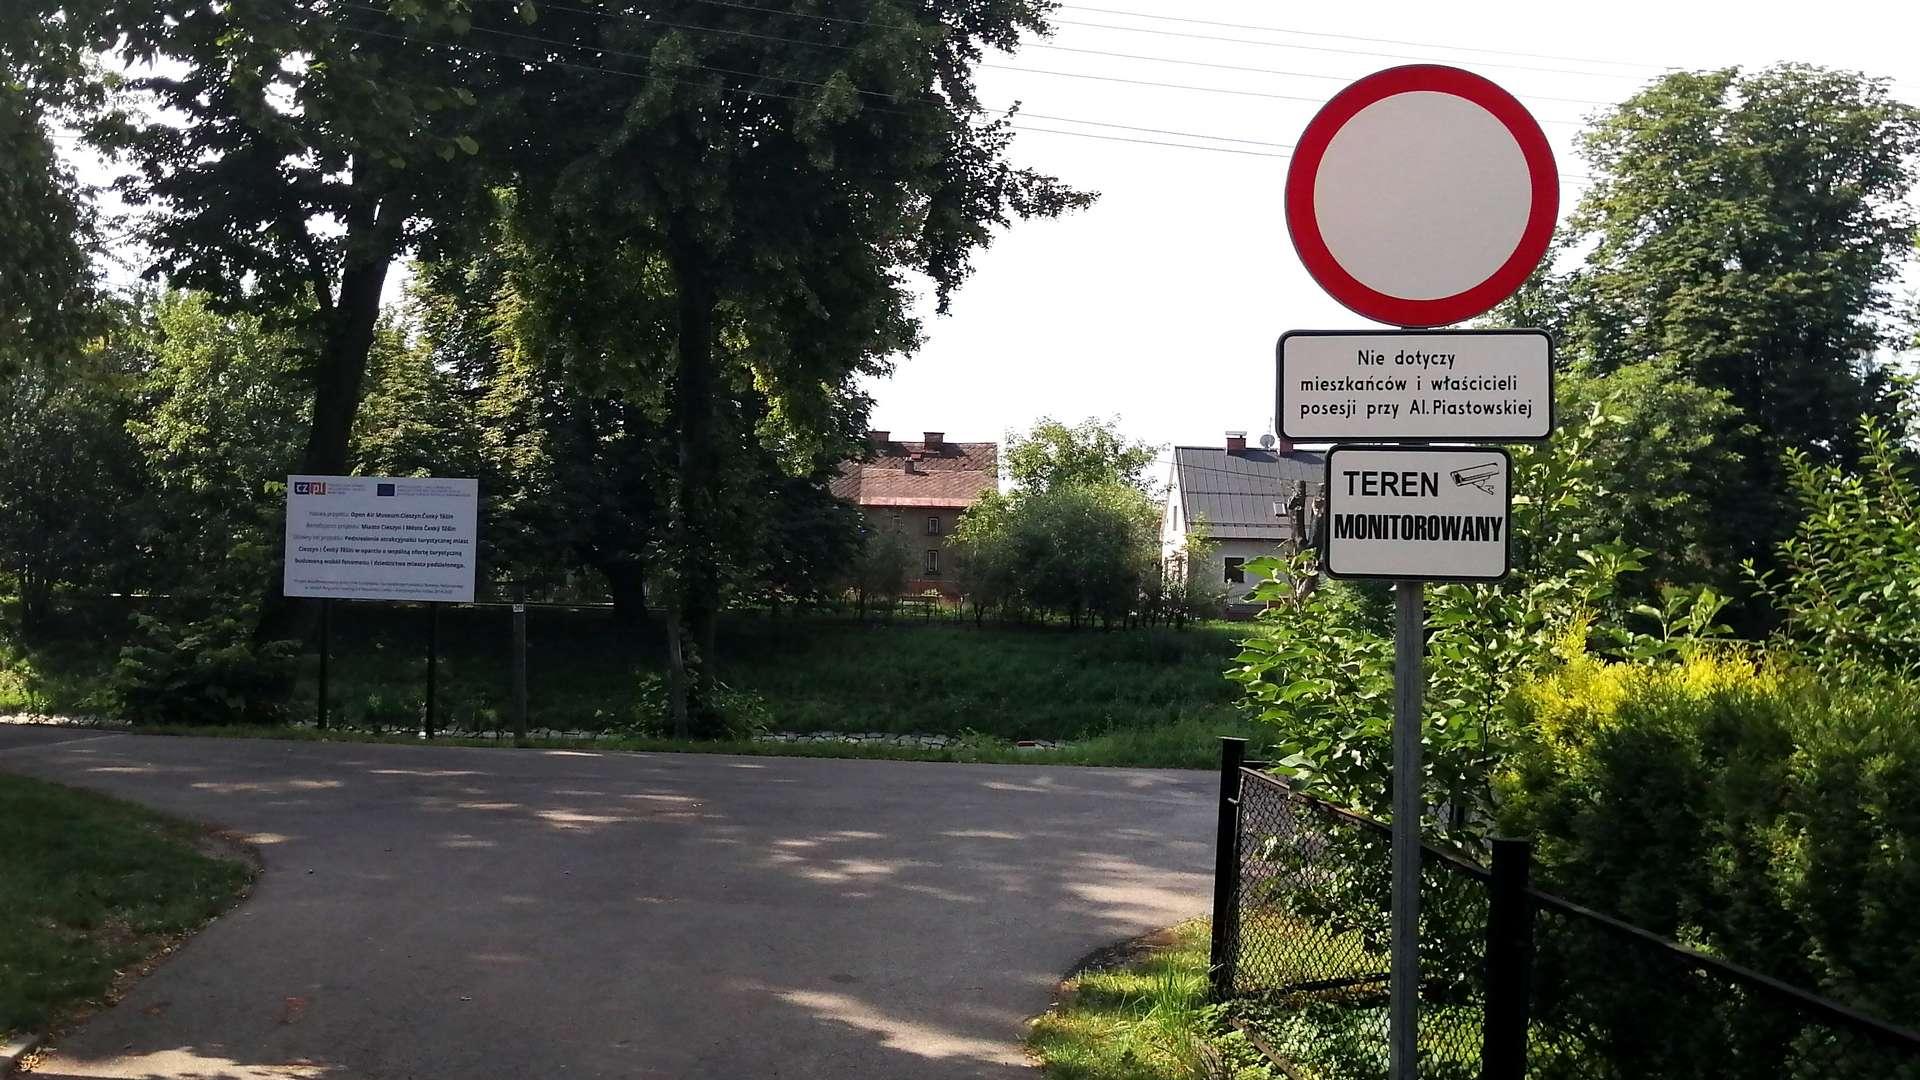 Wjazd na ścieżkę rowerową przy alei Piastowskiej.